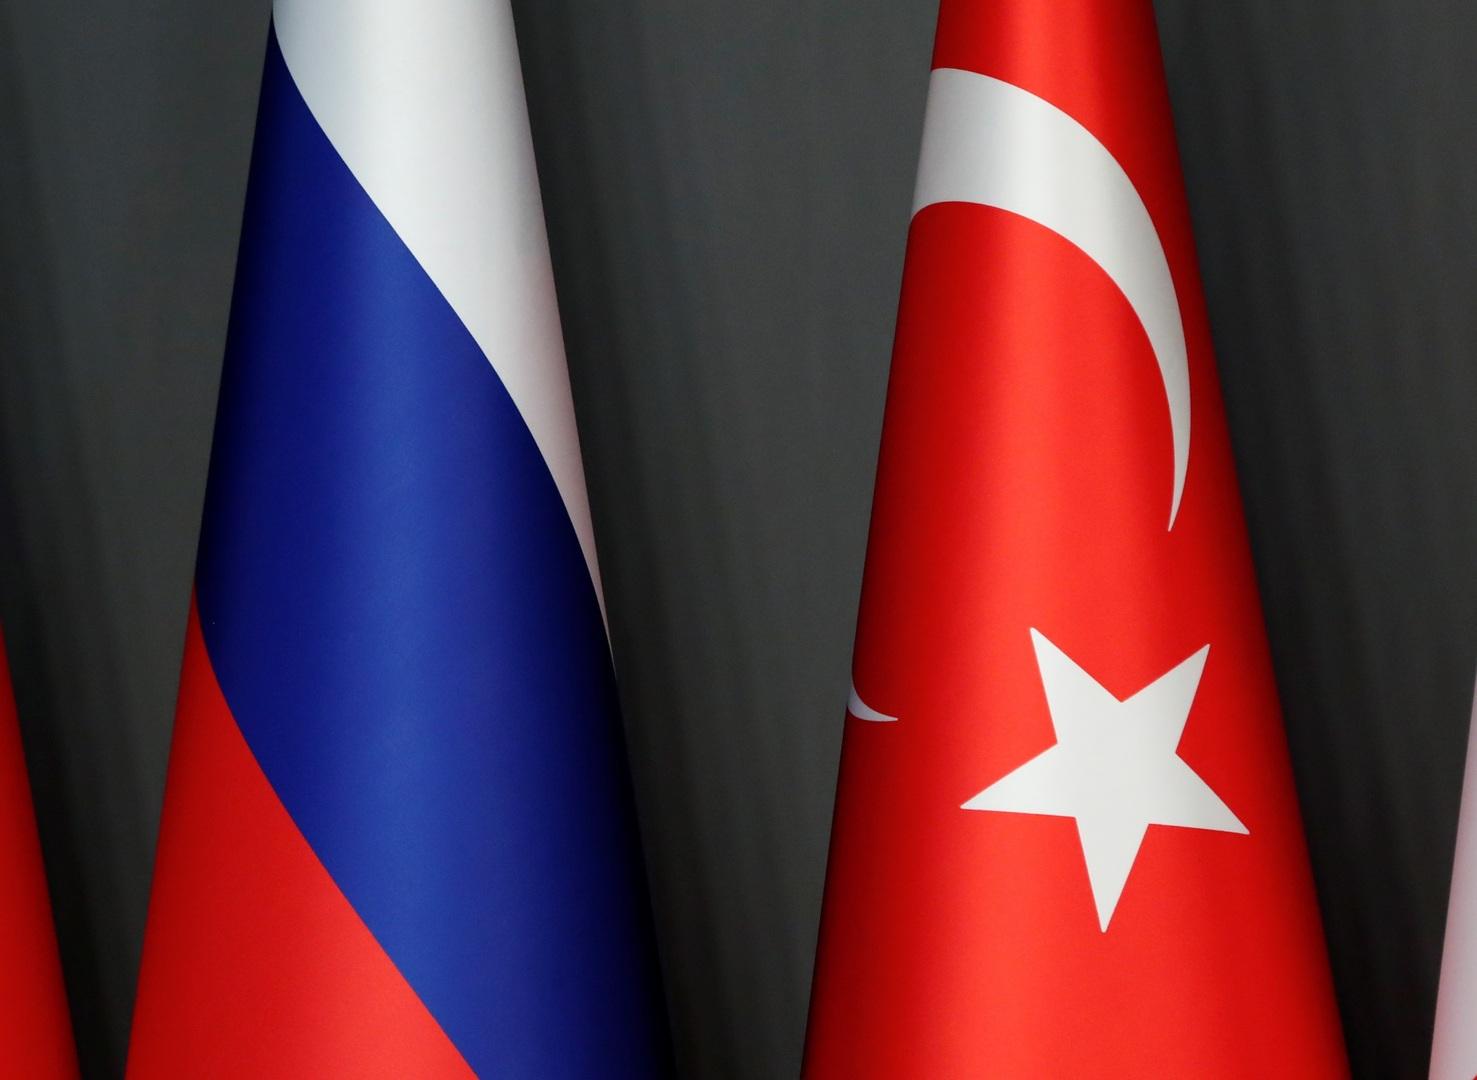 روسيا وتركيا تبحثان الوضع في سوريا وليبيا